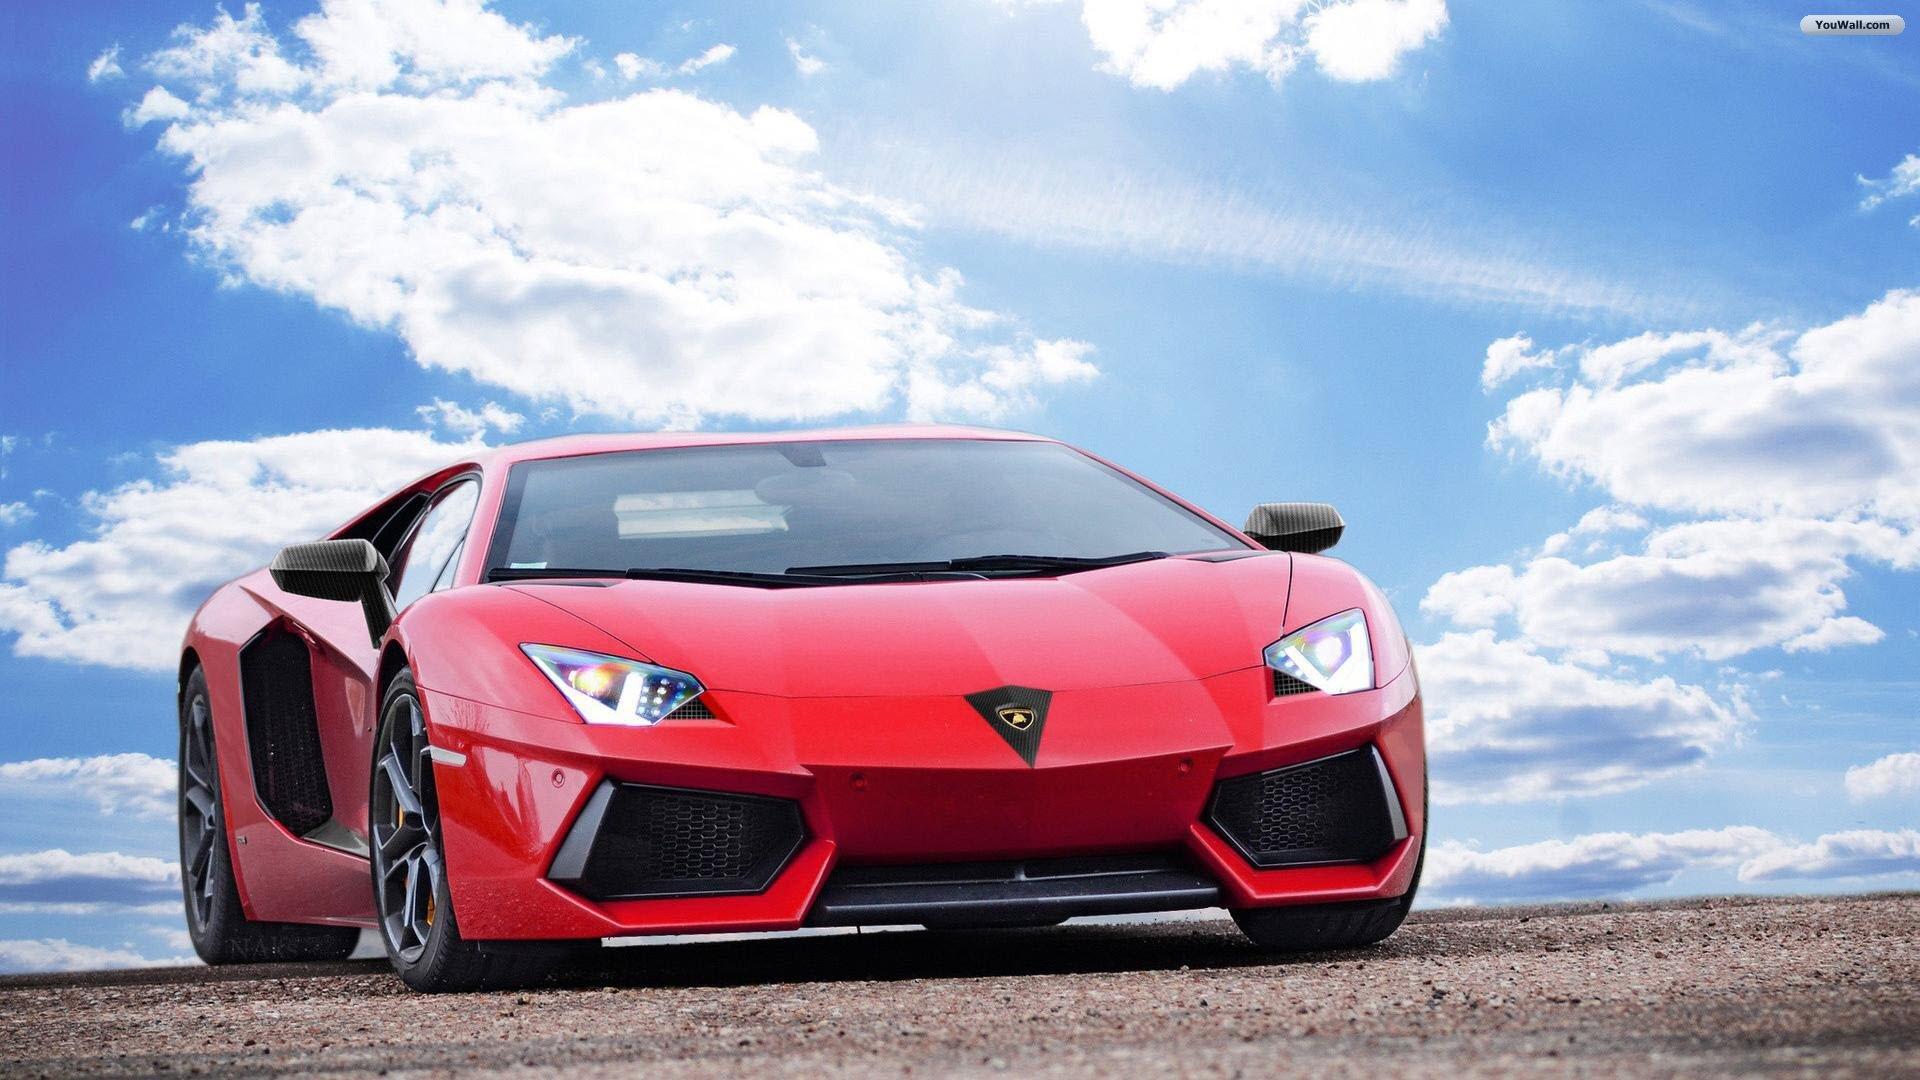 Red Lamborghini Wallpaper - WallpaperSafari Red Lamborghini Gallardo Wallpaper